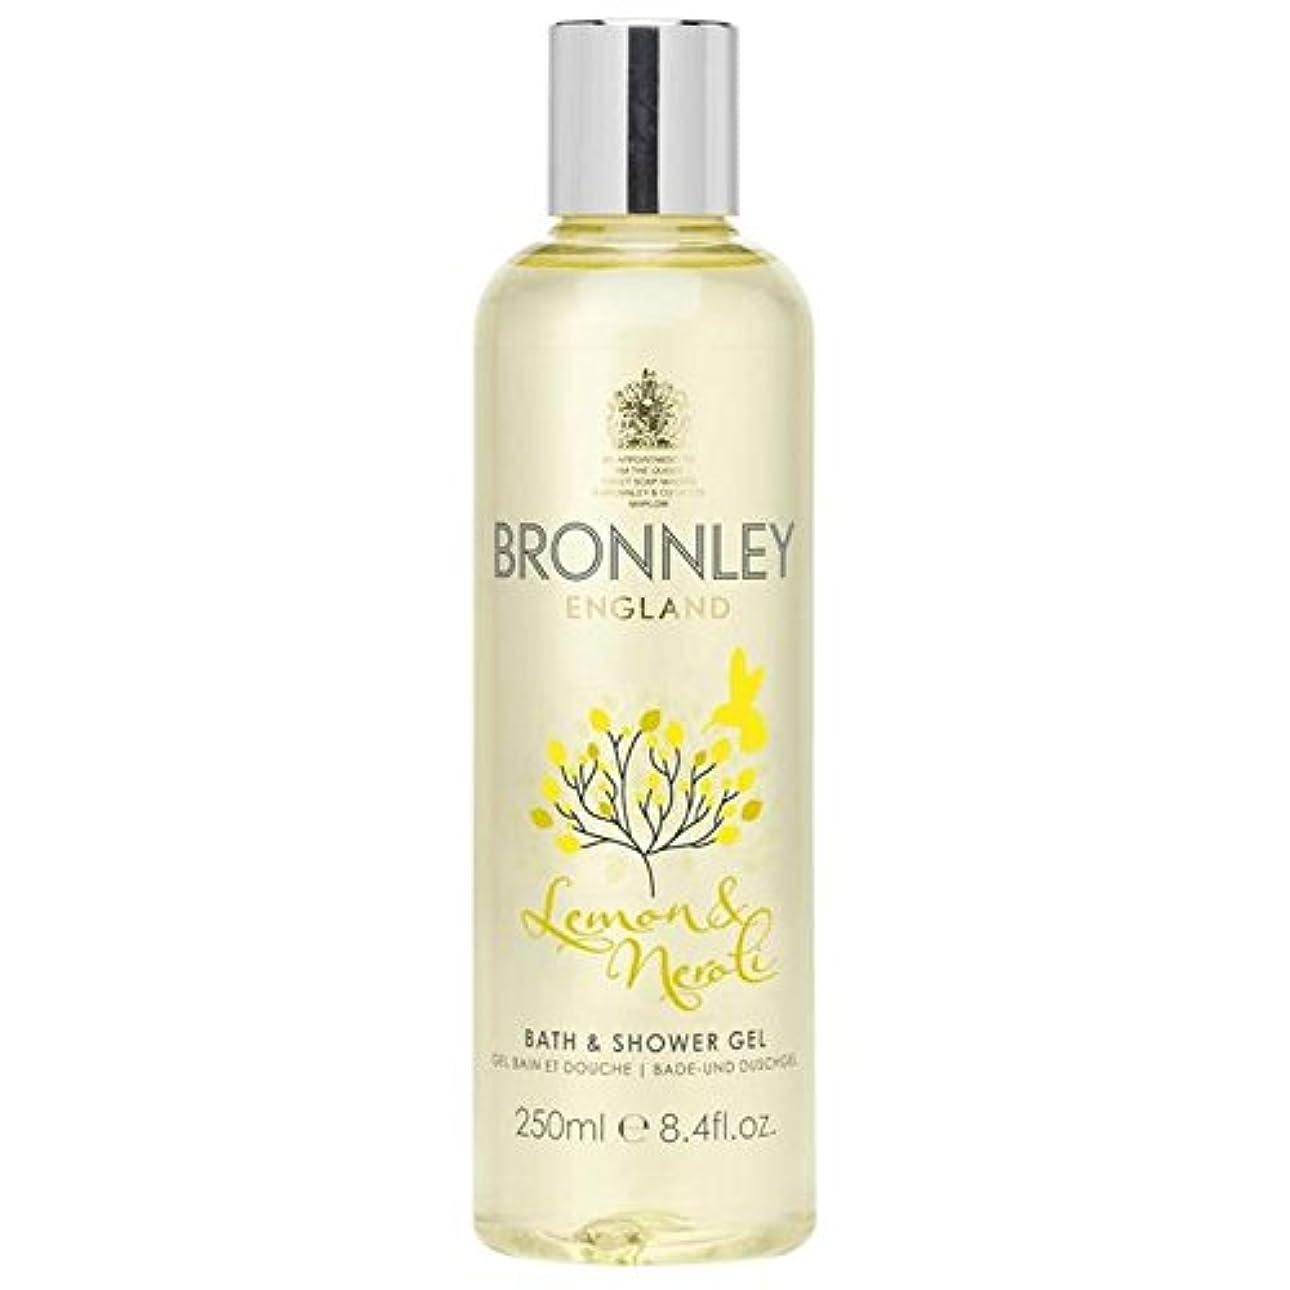 ノイズ求人卒業Bronnley Lemon & Neroli Bath & Shower Gel 250ml (Pack of 6) - レモン&ネロリバス&シャワージェル250ミリリットル x6 [並行輸入品]